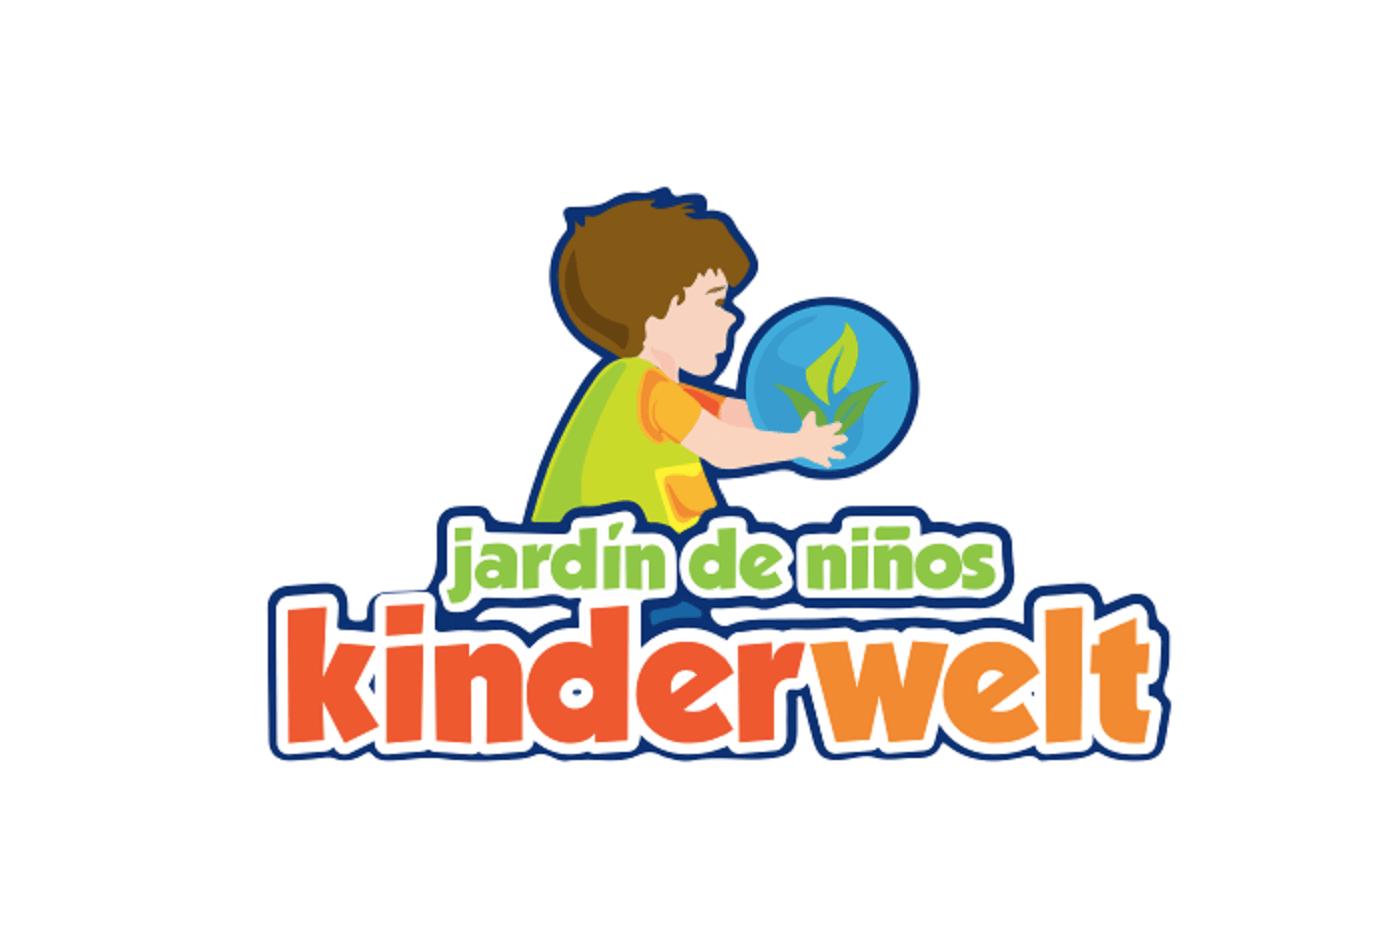 kinderwelt-logo-school-fest-momadvisor